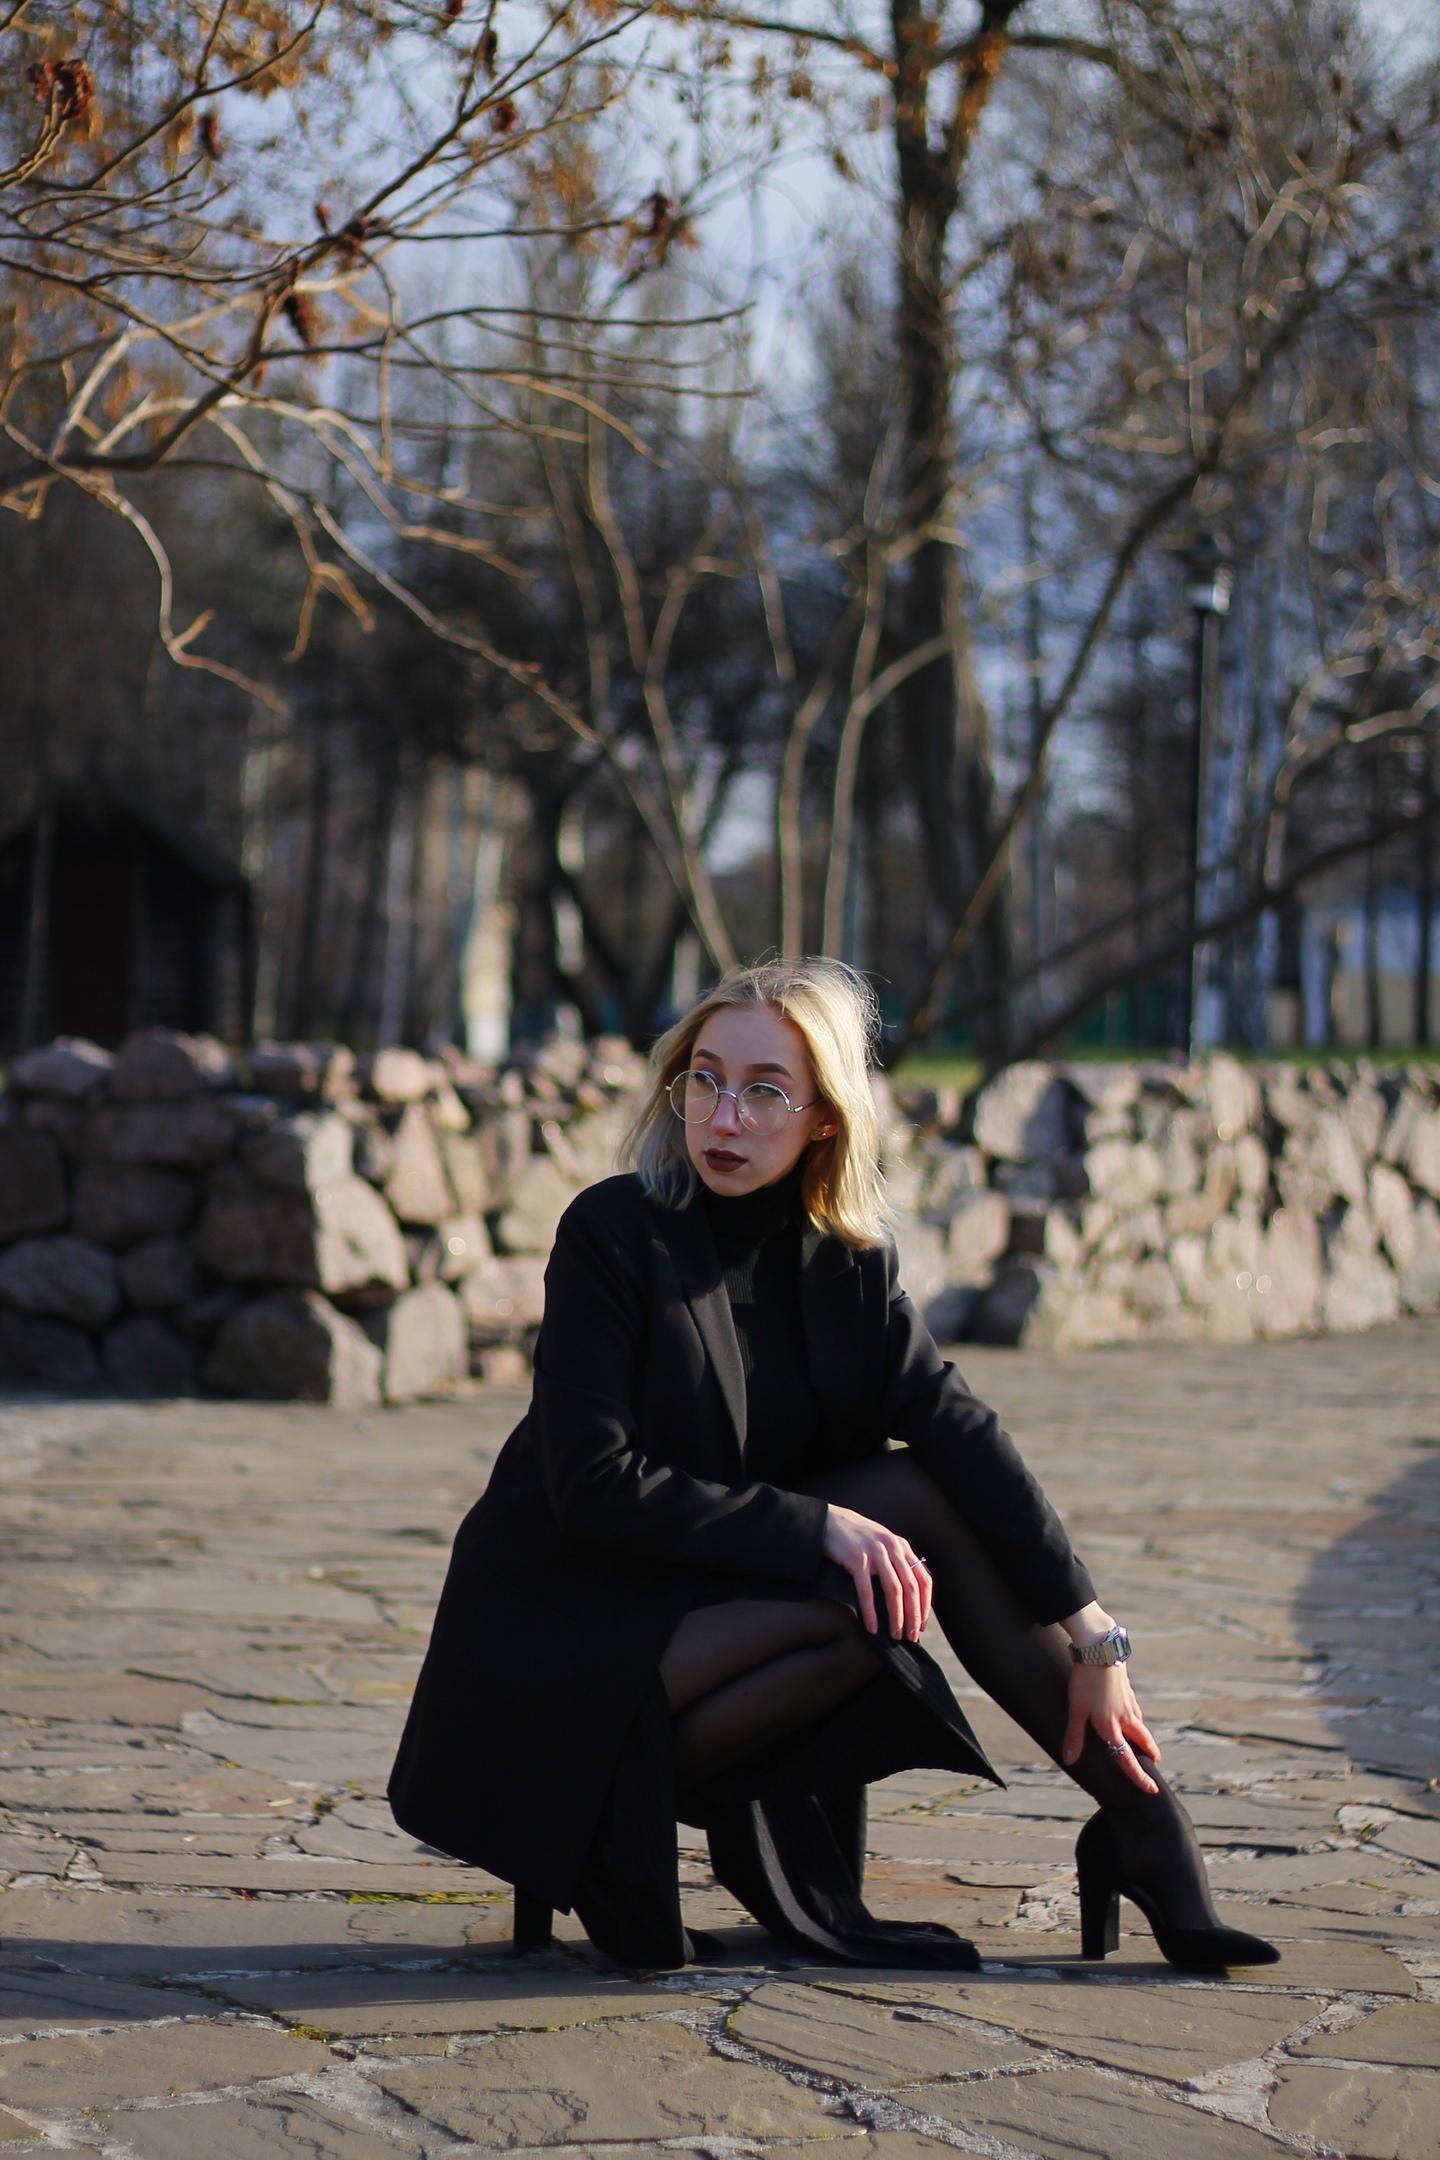 Публикация с тегами: Интересное, Я, Девушка